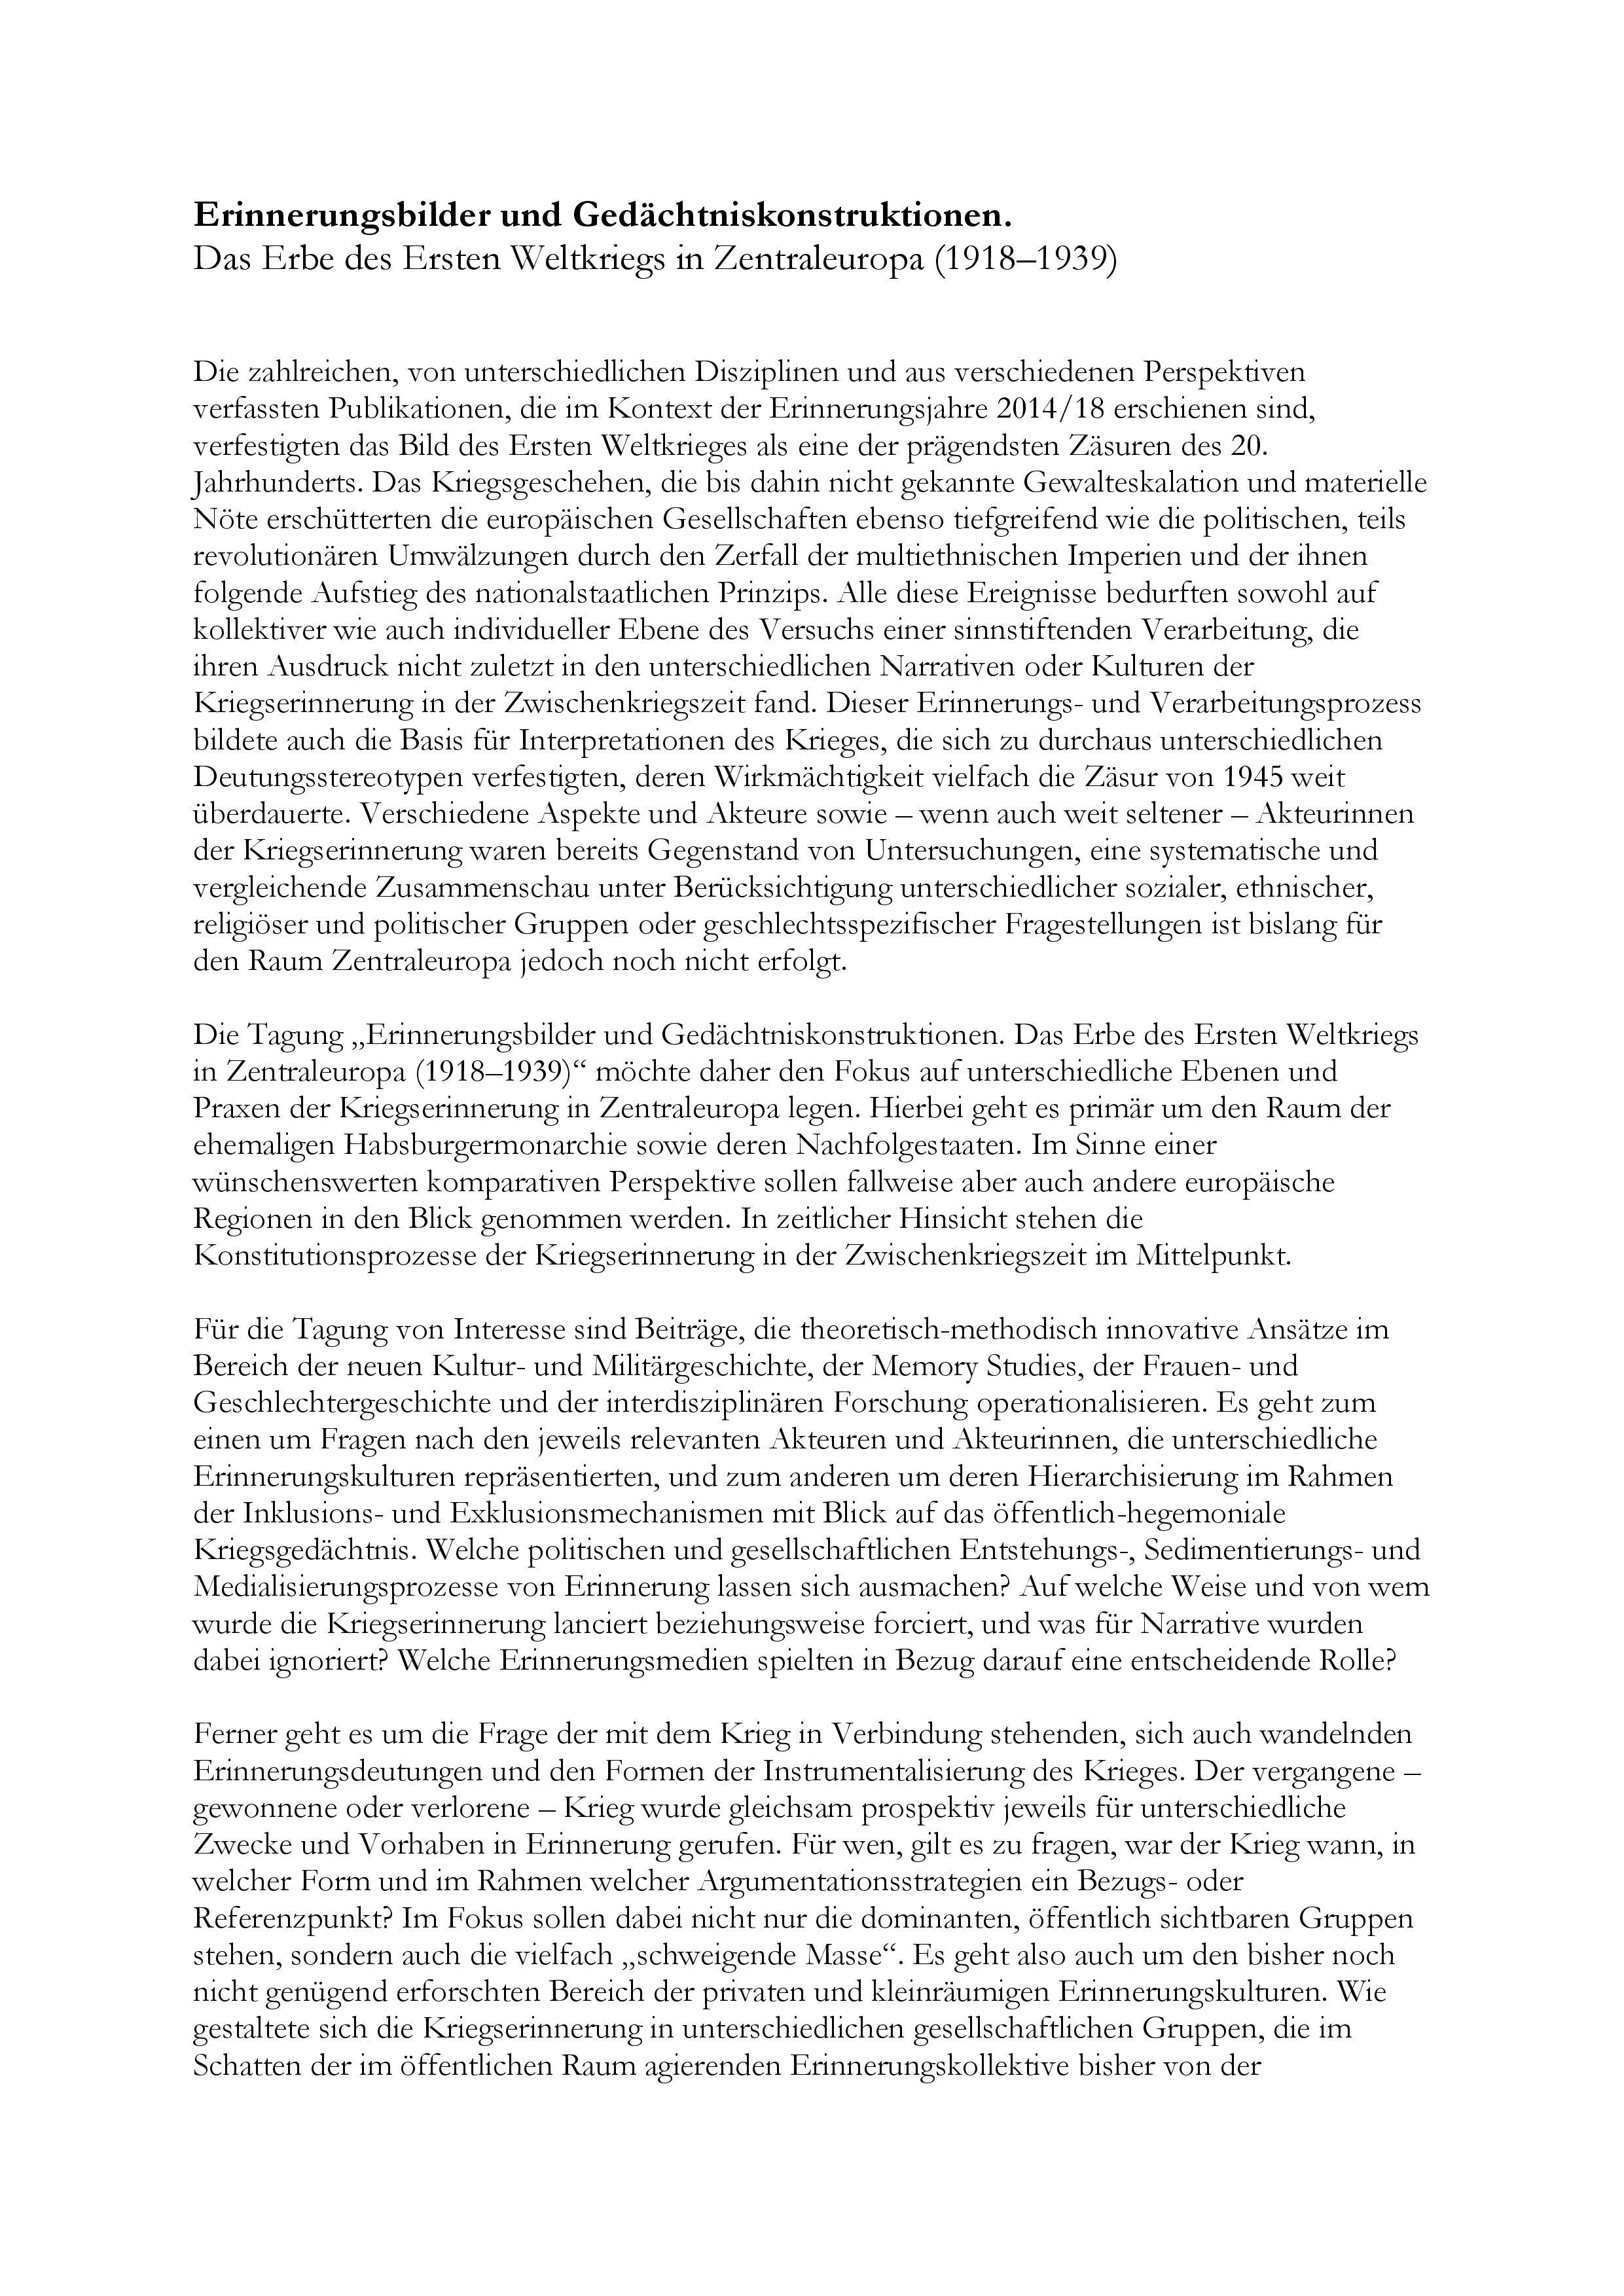 cfp_kriegserinnerung_final-page-001